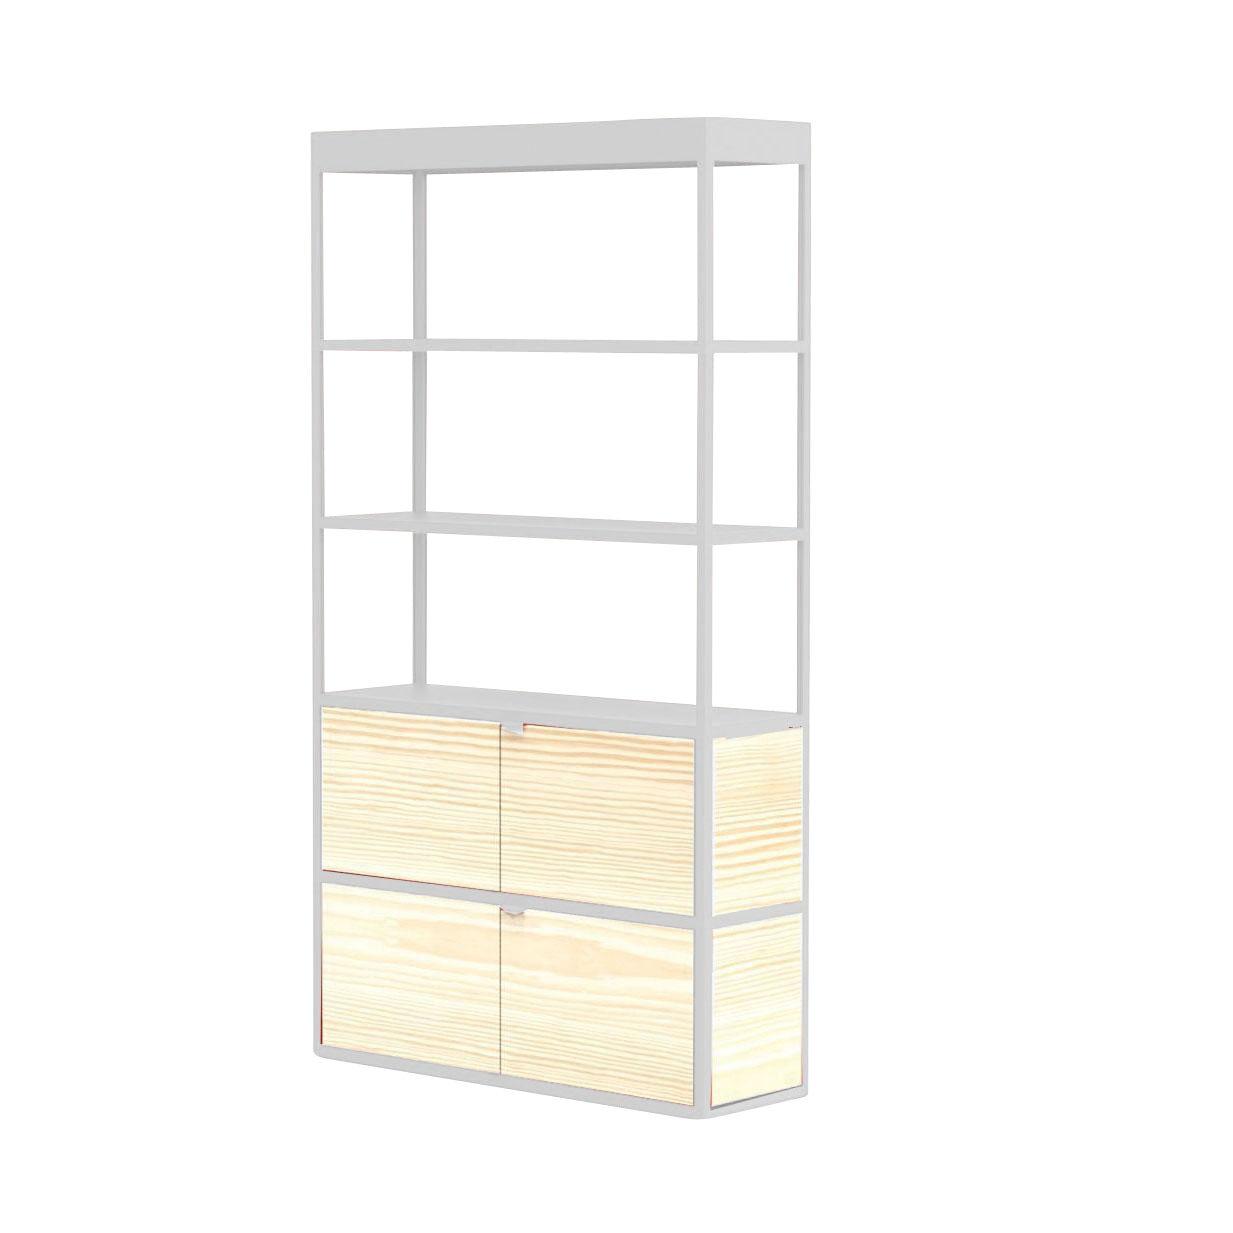 HAY New Order - Etagère/armoire 100x185.5cm - gris clair/frêne/laqué/2 portes en bois/4 parois latérales, 2 parois arrière